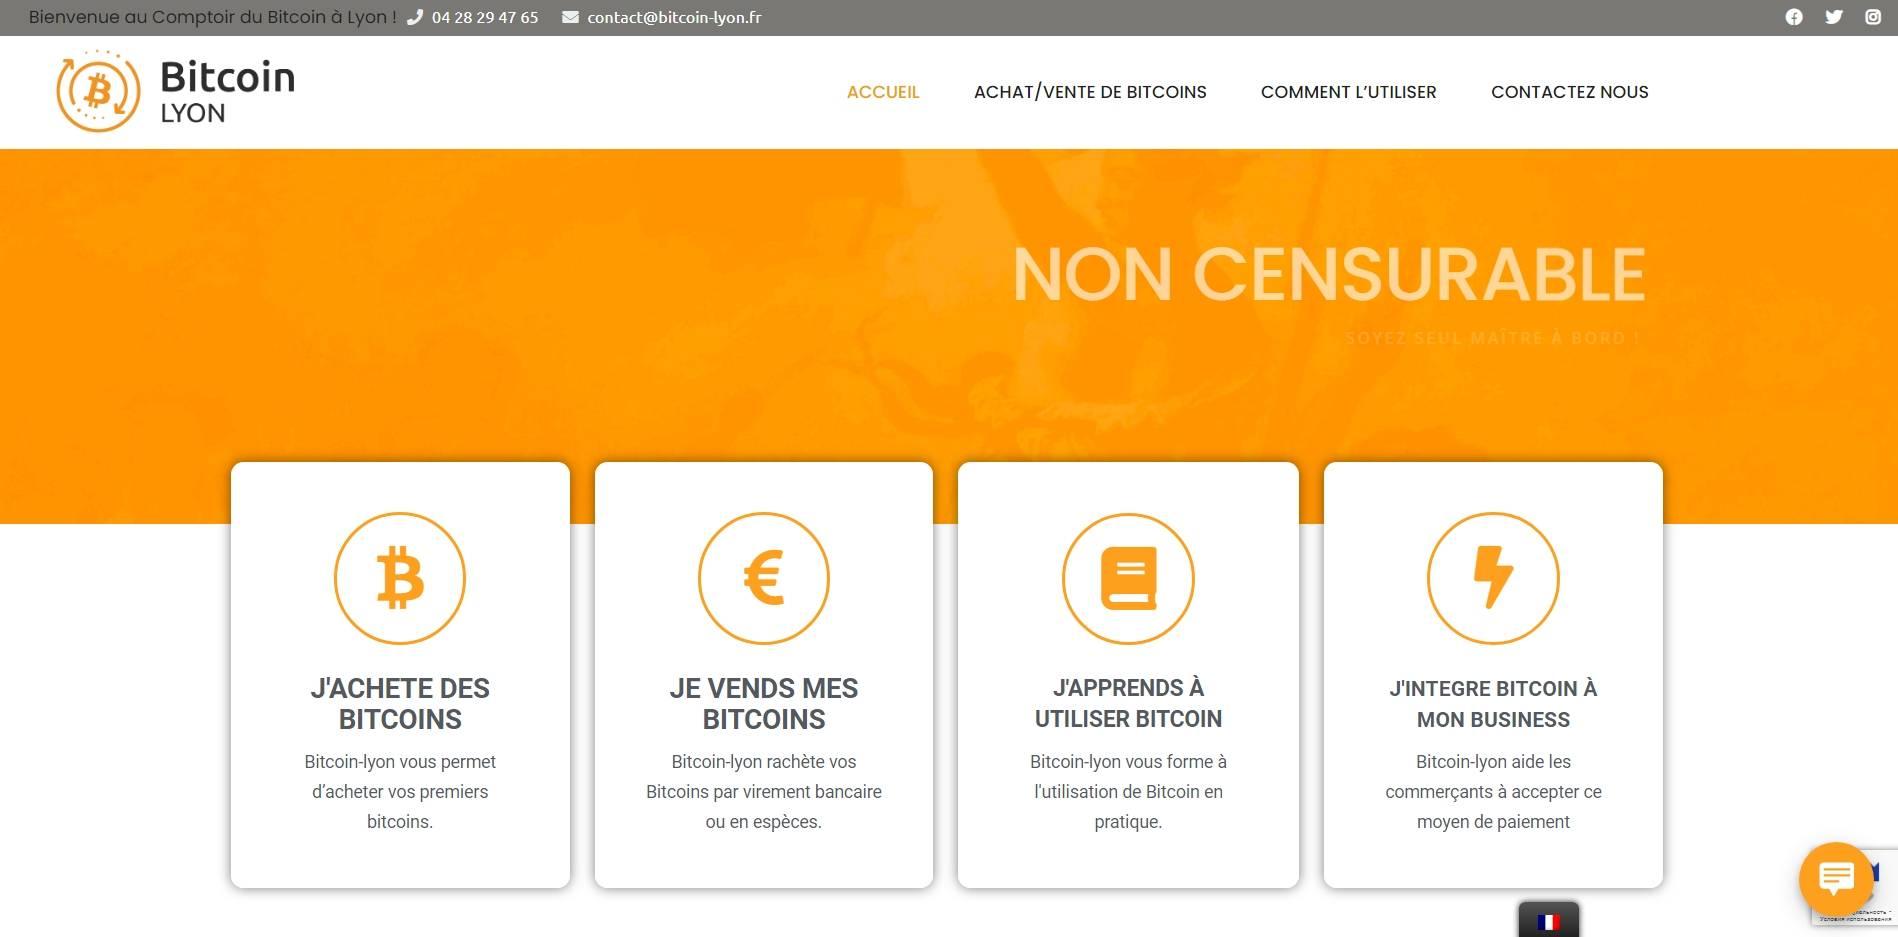 Bitcoin-lyon